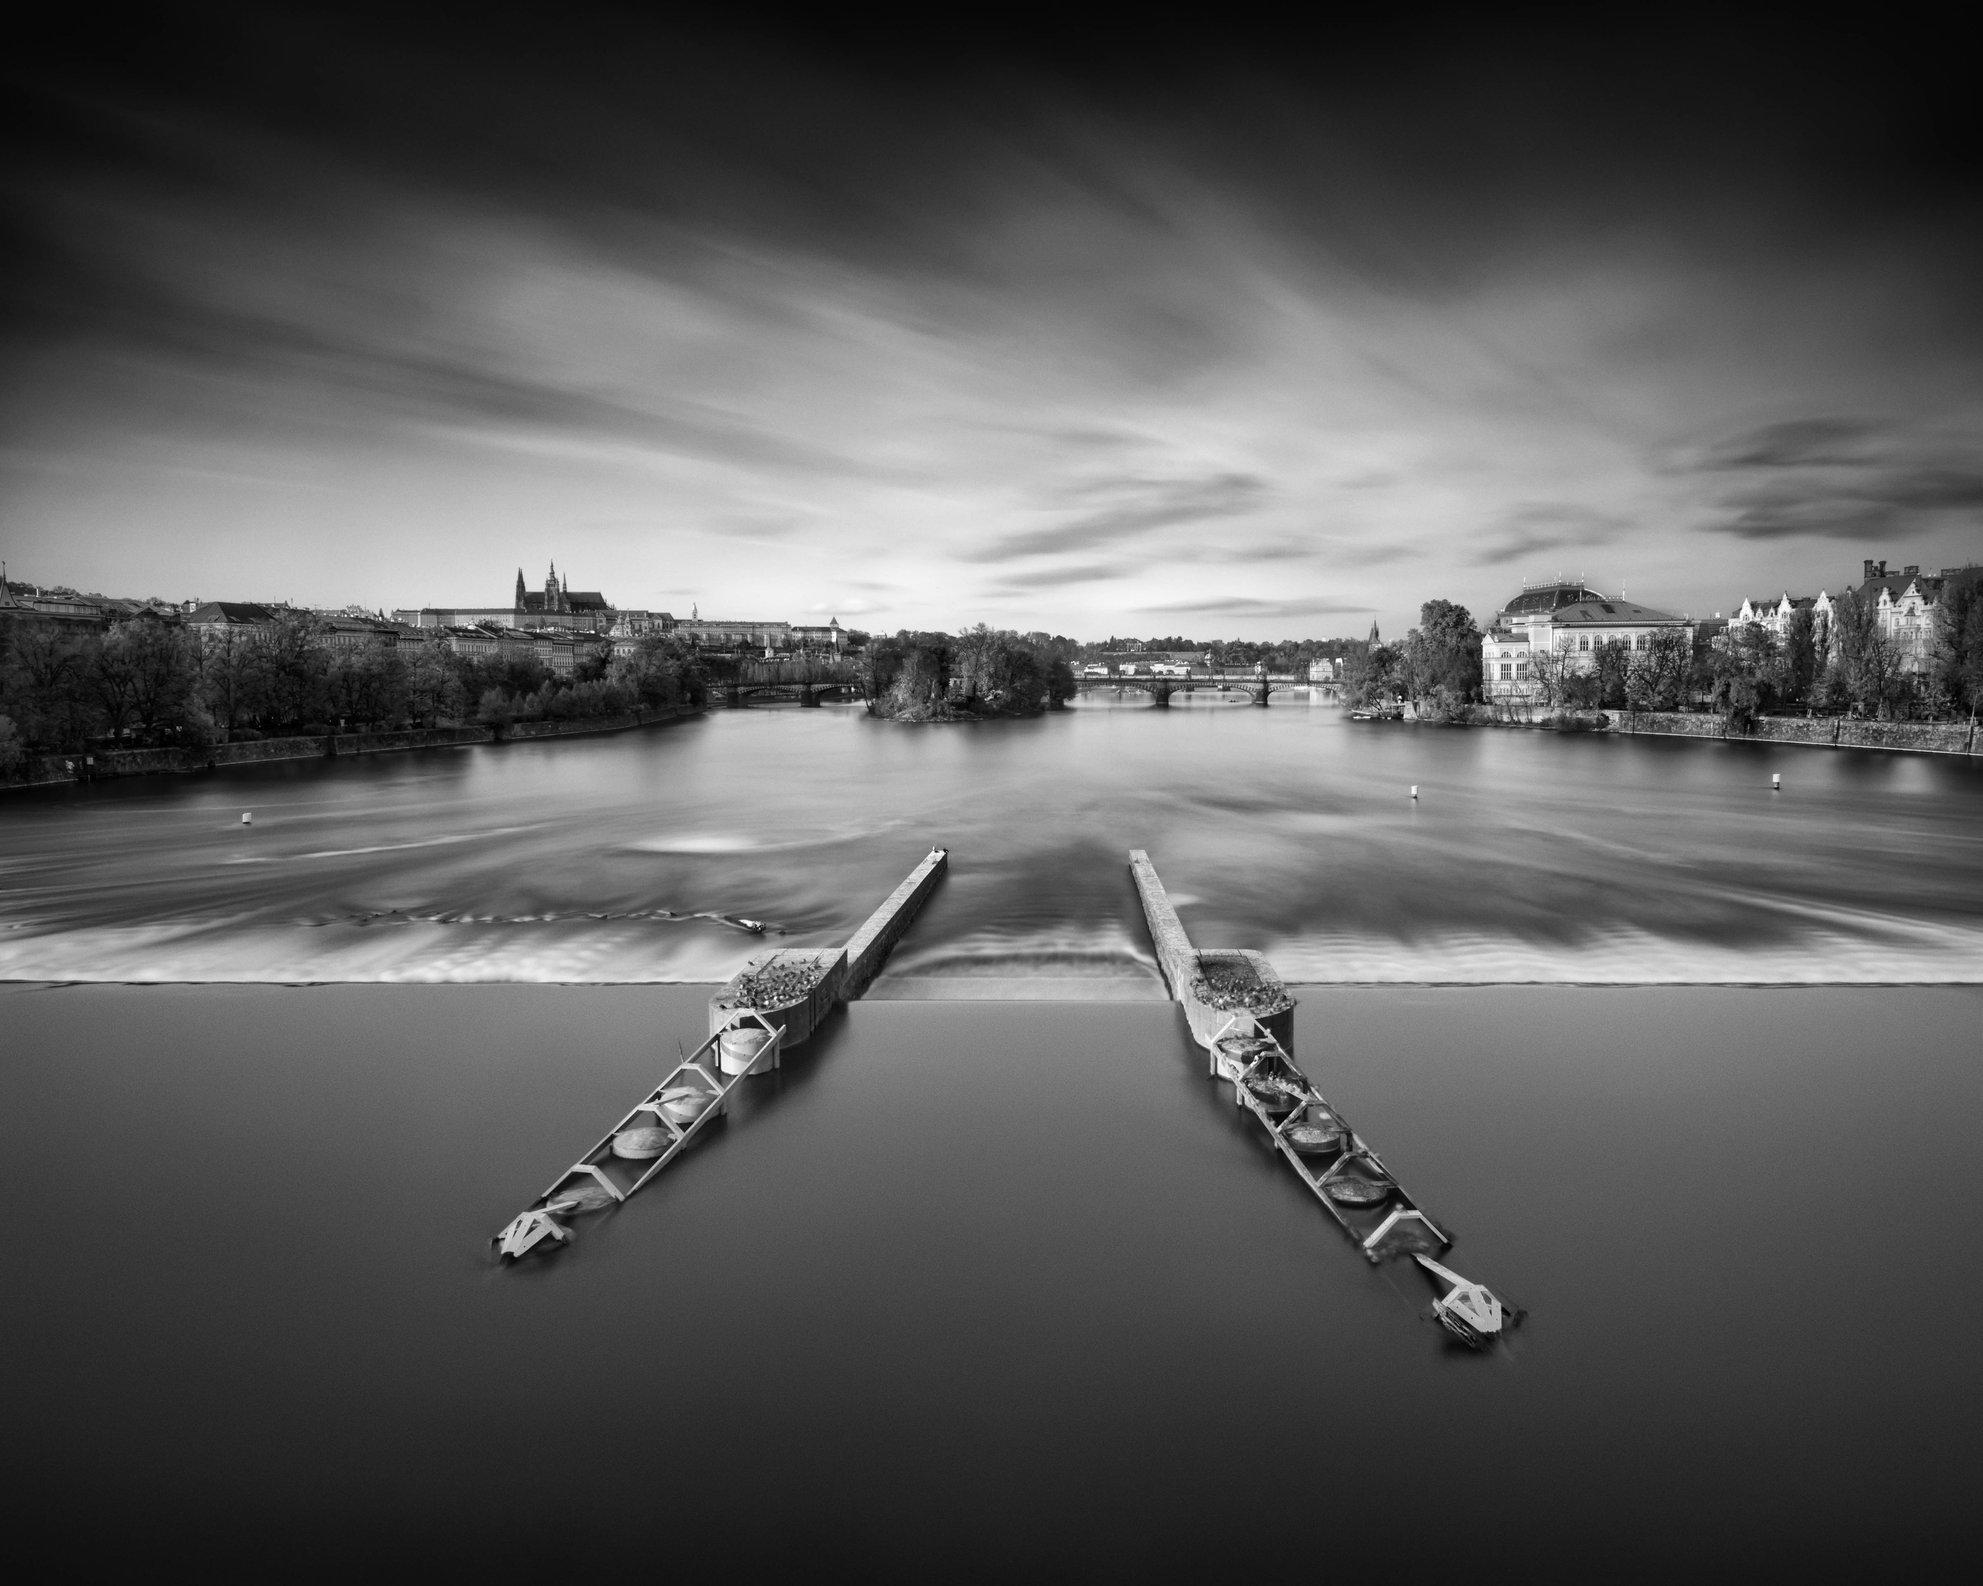 View from Jiraskuv Bridge, Prague